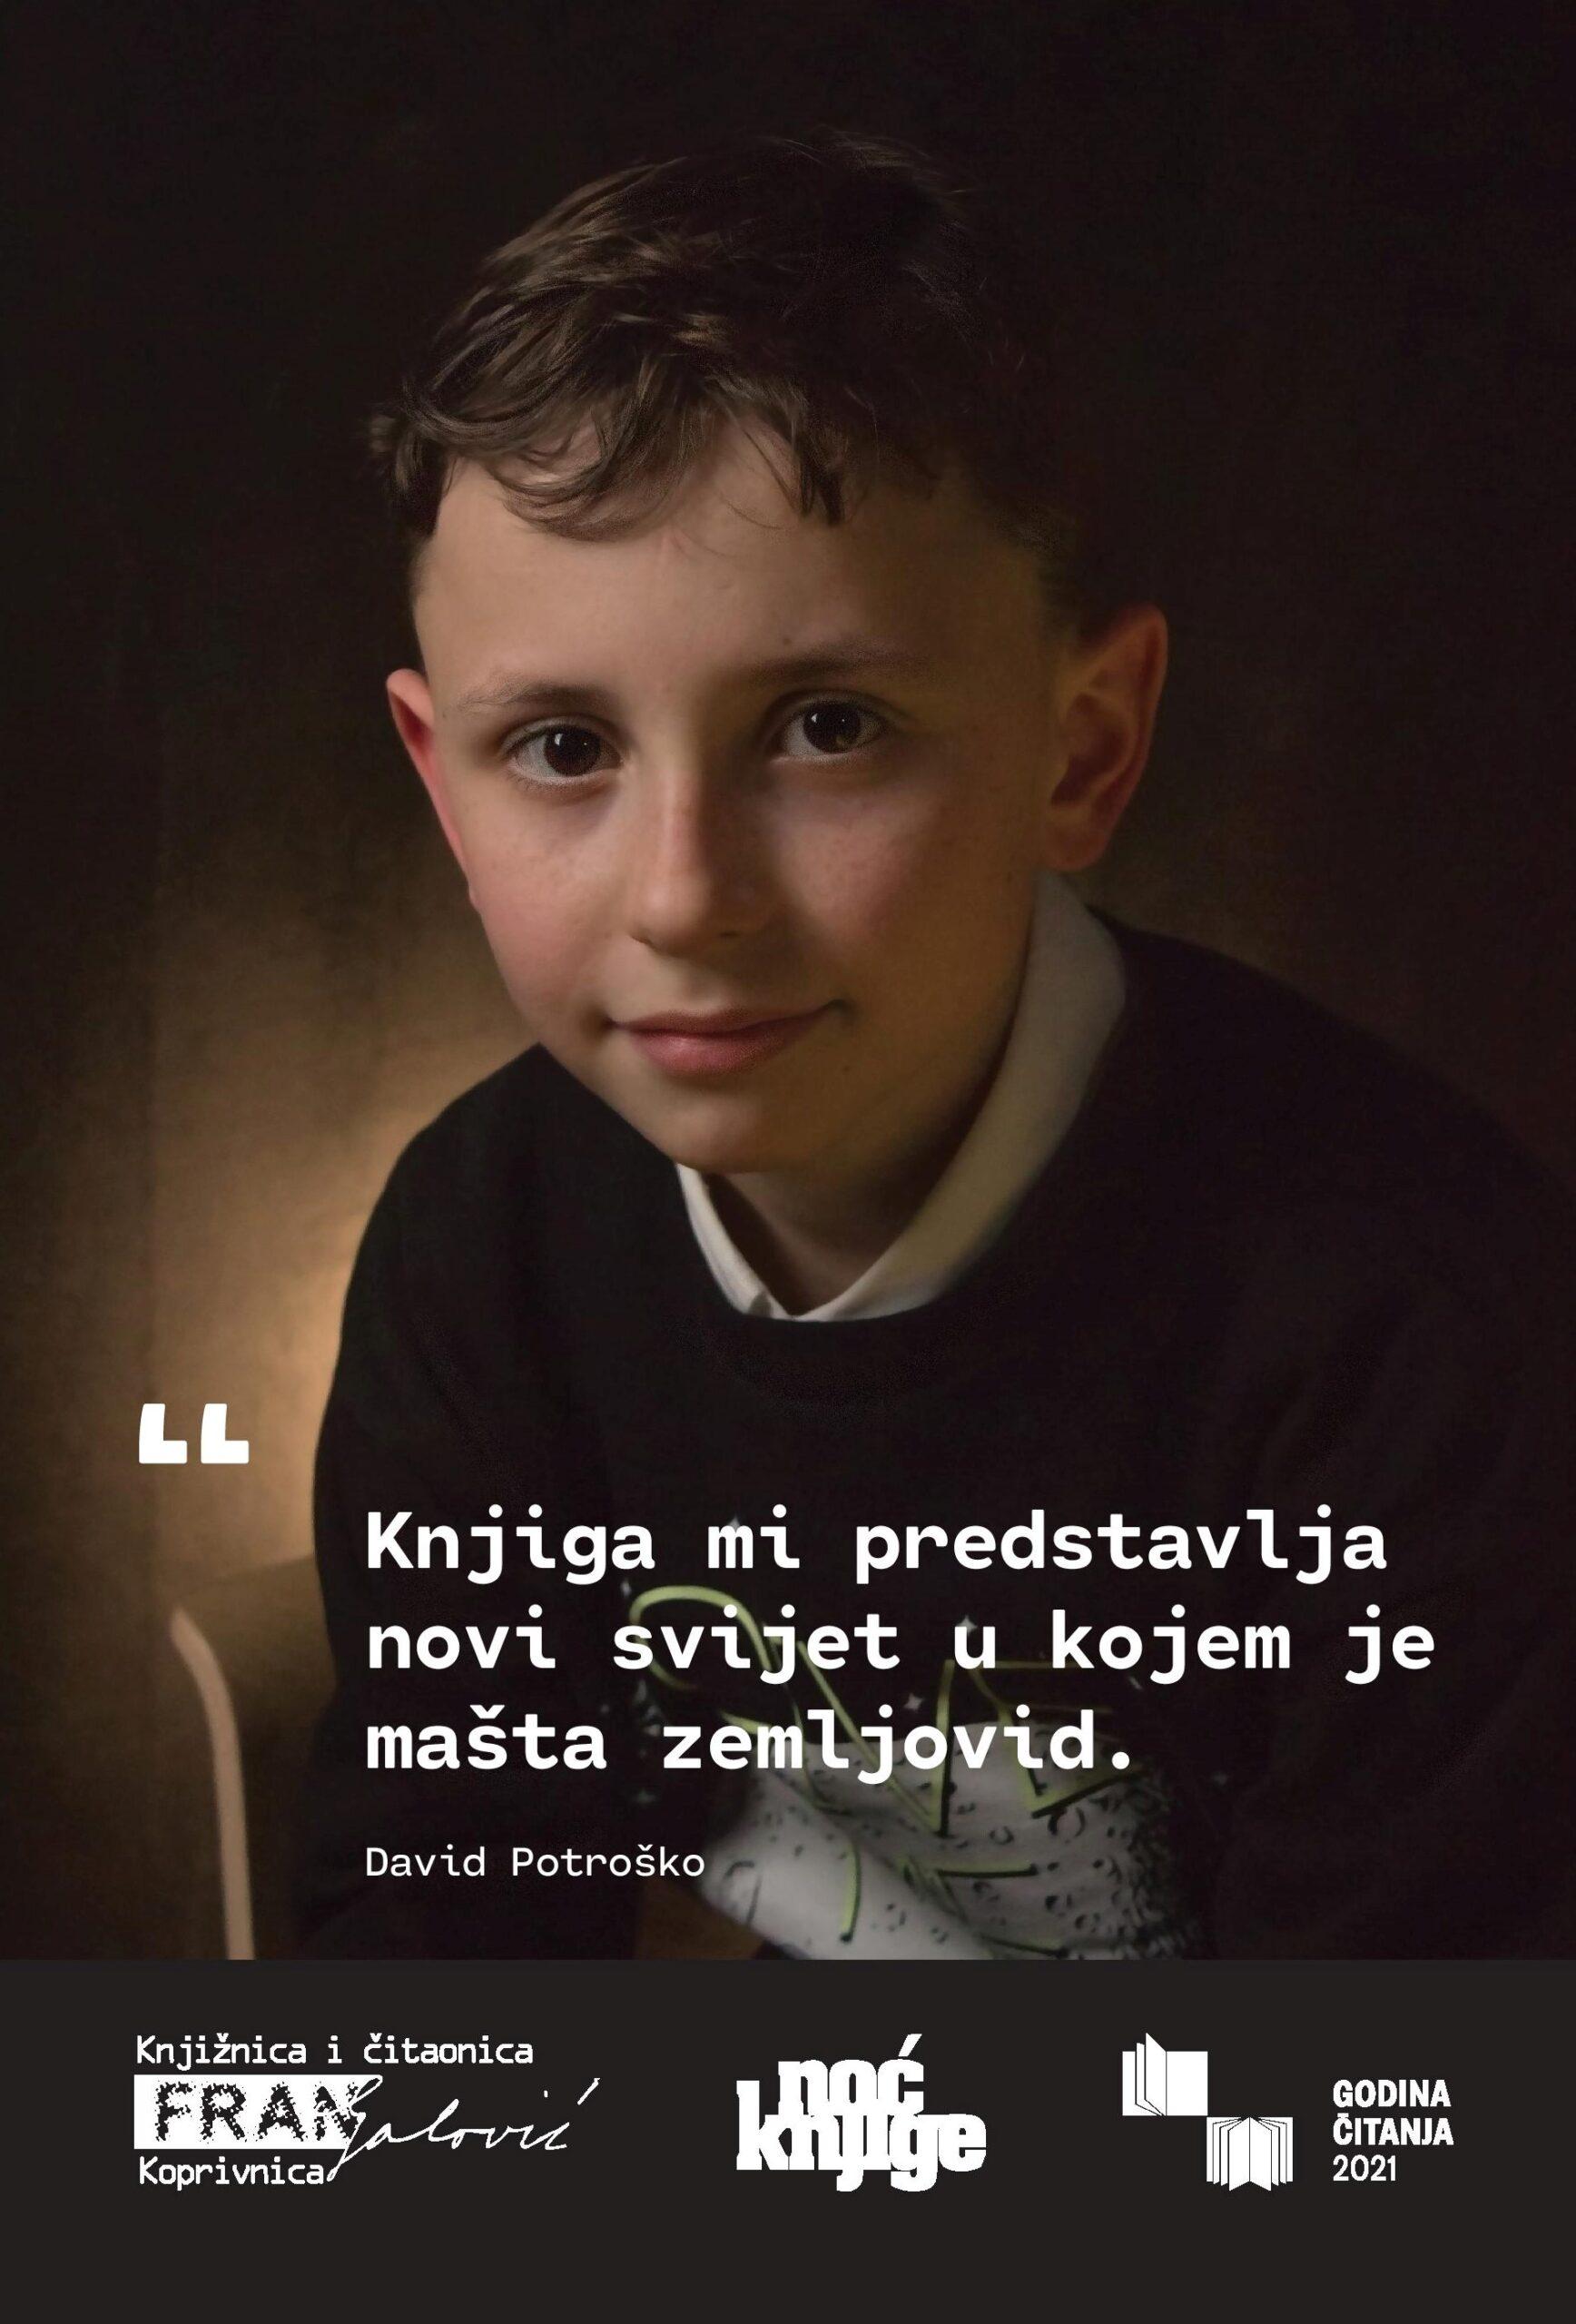 David Potroško